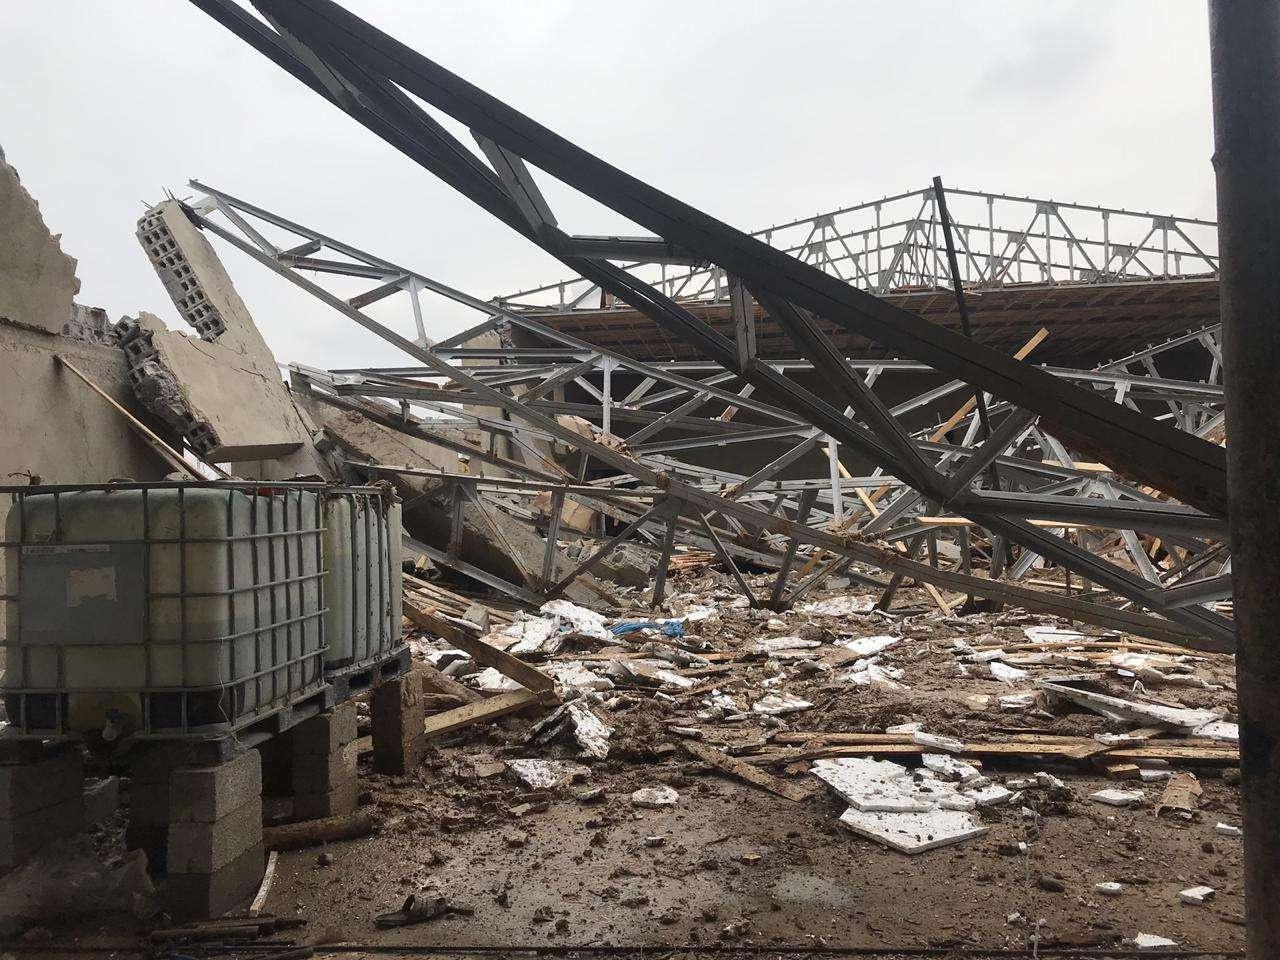 Двое рабочих из Узбекистана попали в реанимацию из-за обрушения строящегося здания в Шымкенте